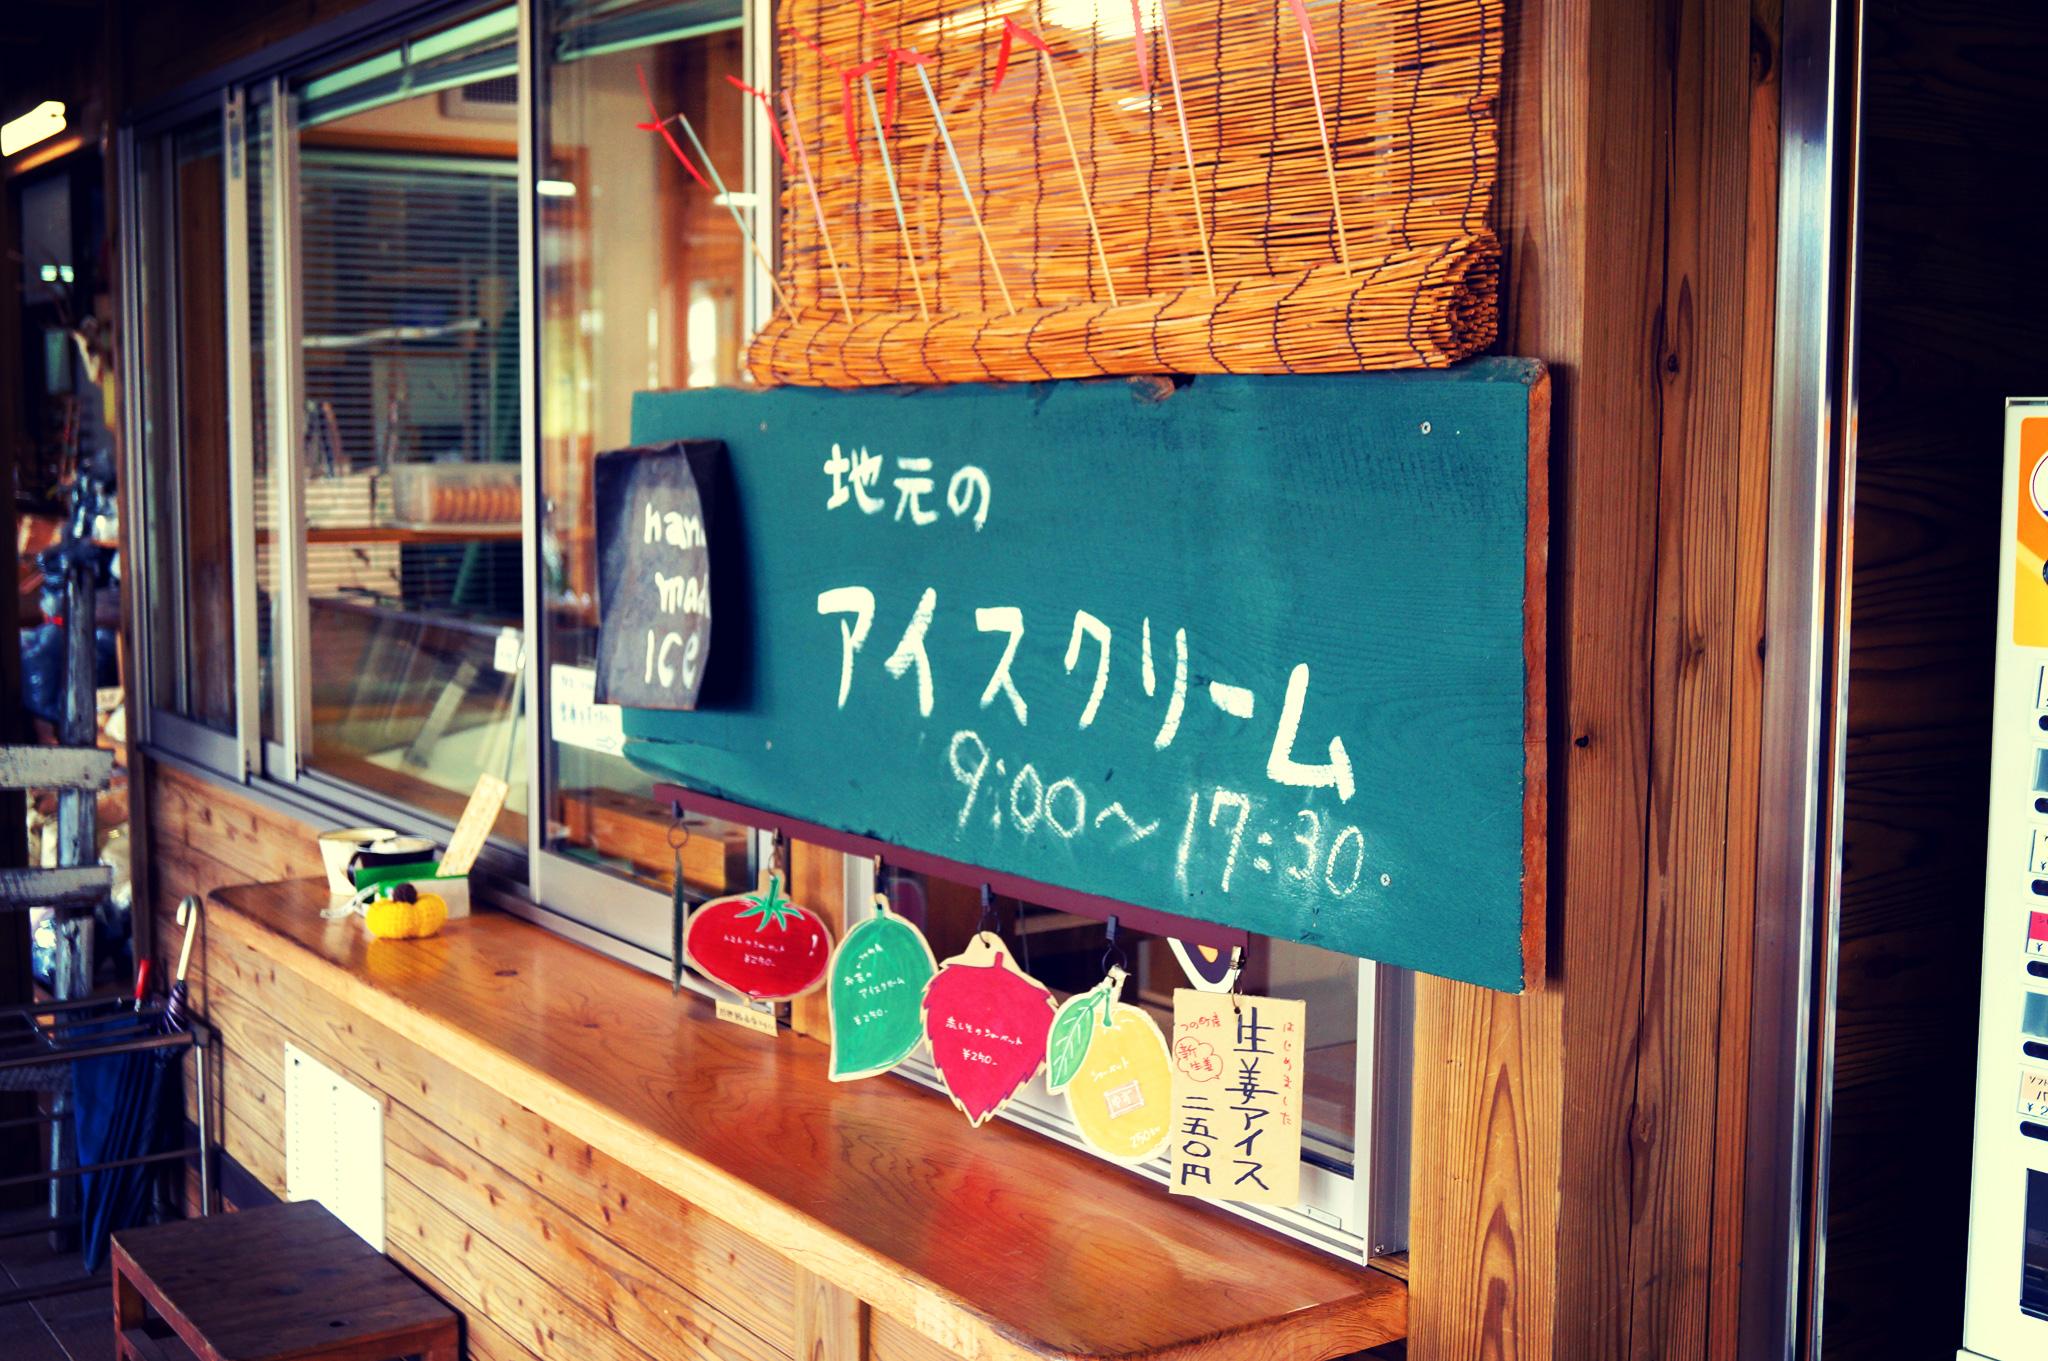 道の駅布施ヶ坂地元のアイスクリーム